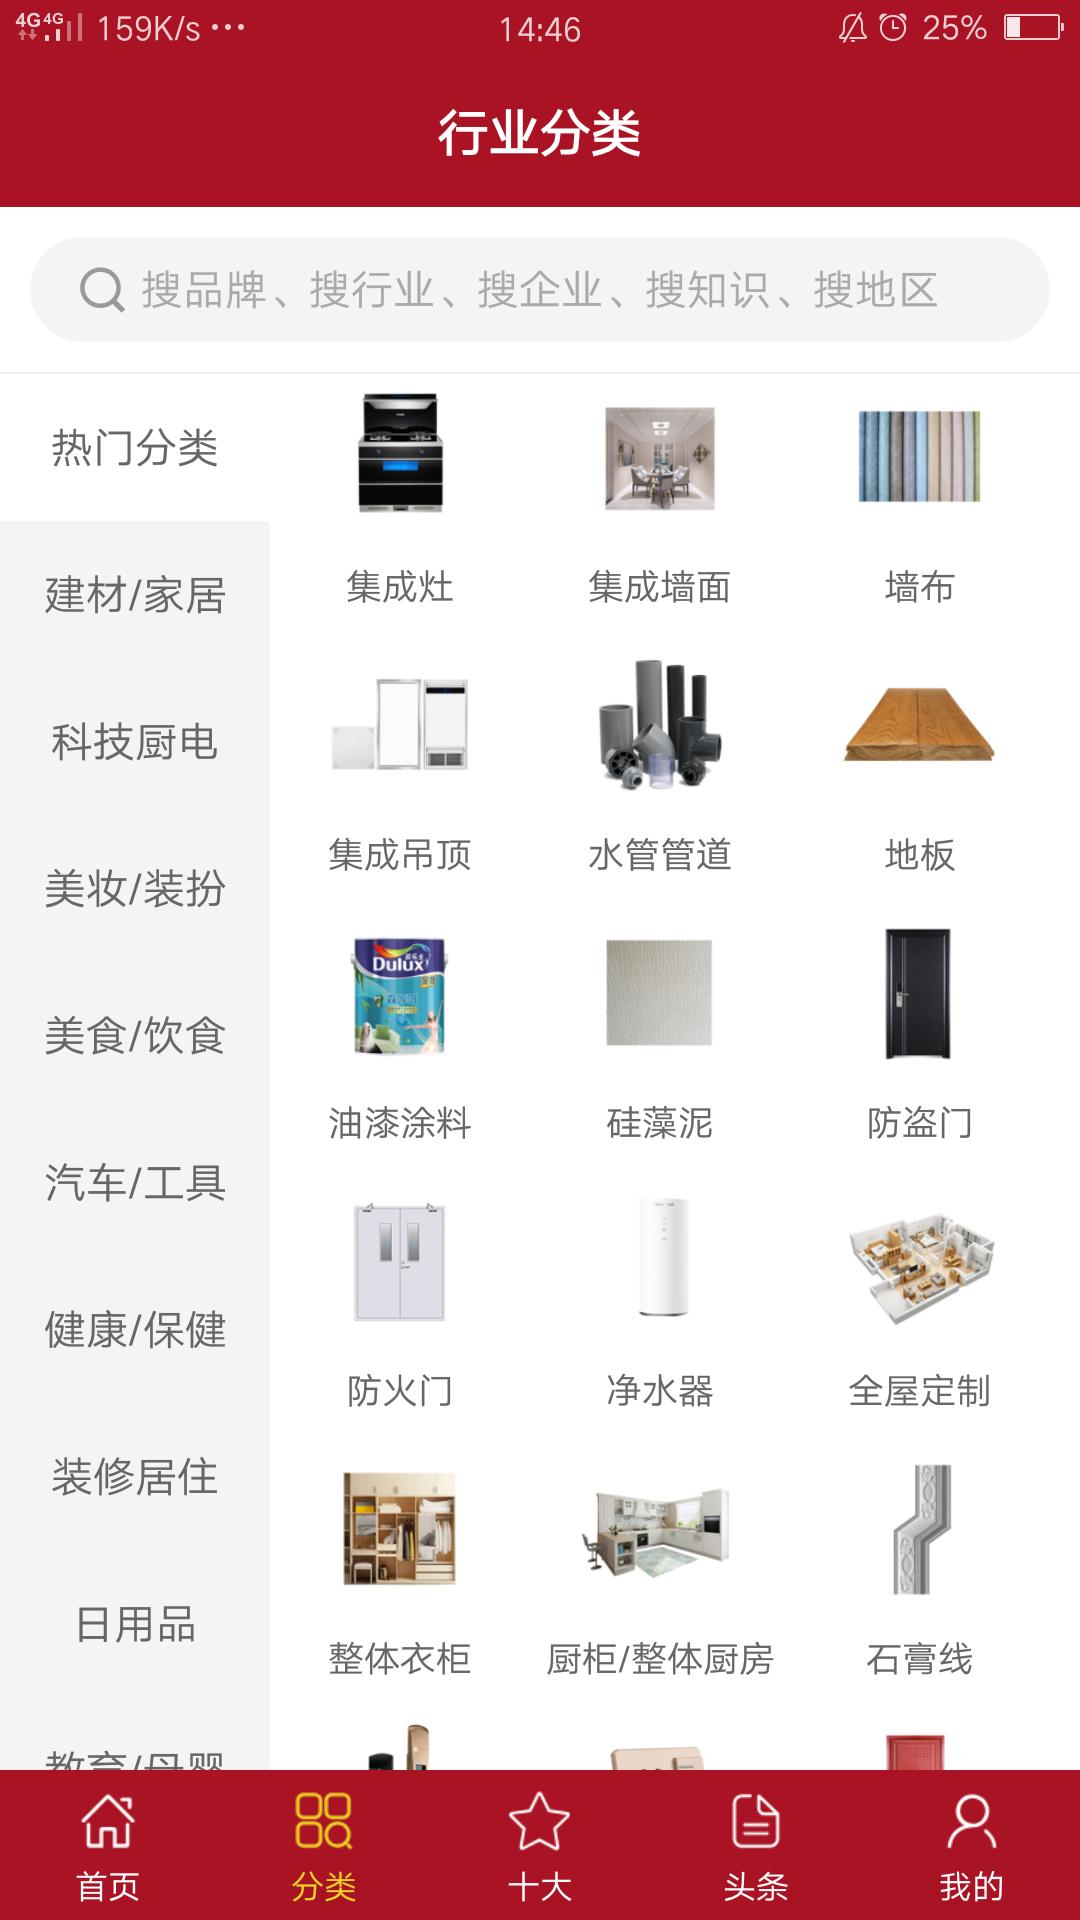 十大品牌网 V4.1.0 安卓版截图4